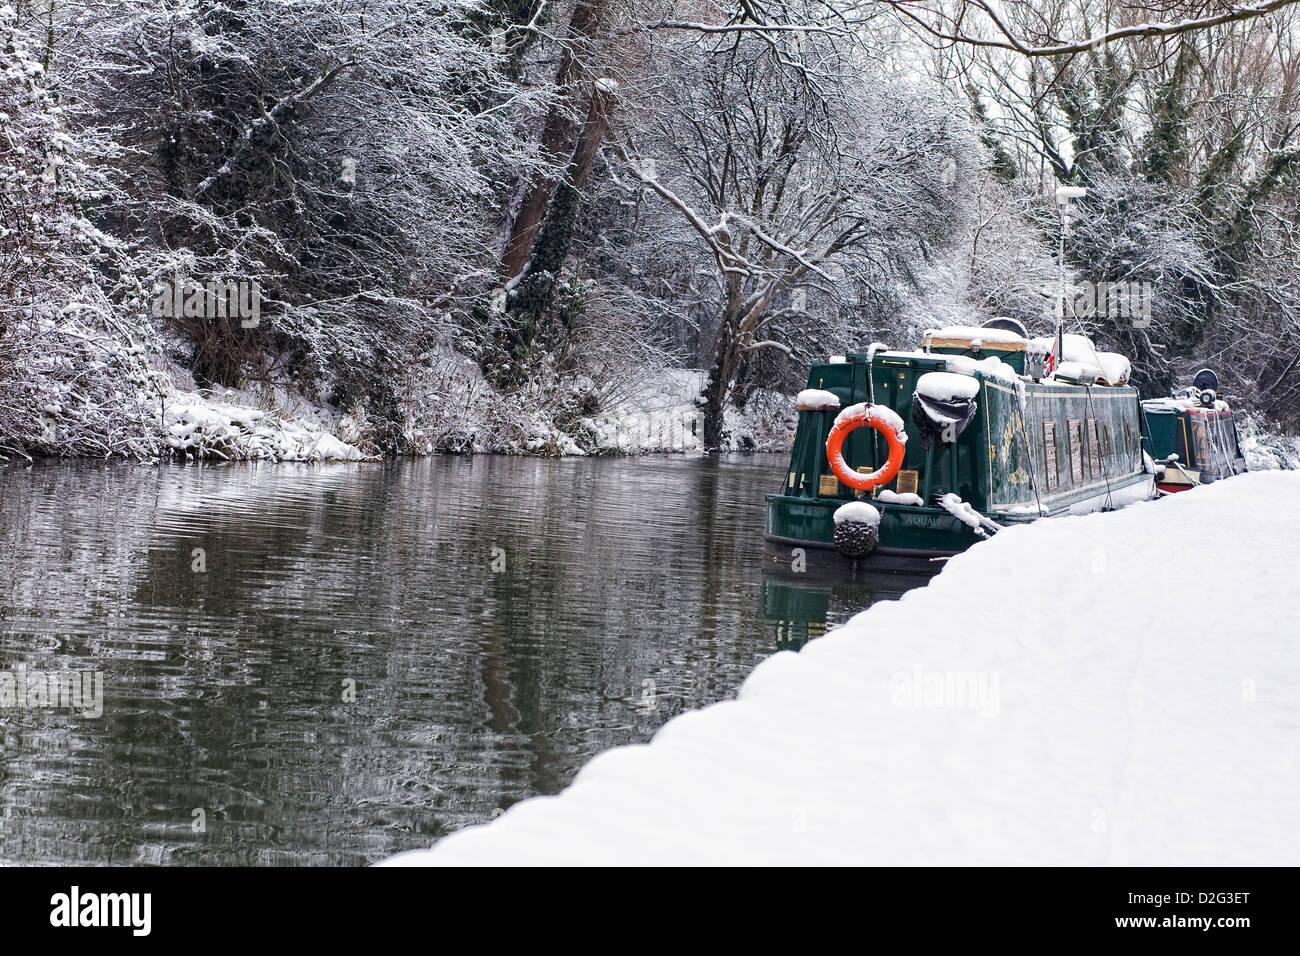 Narrowboats sulla Oxford Canal a Banbury in inverno, Oxfordshire. Immagini Stock